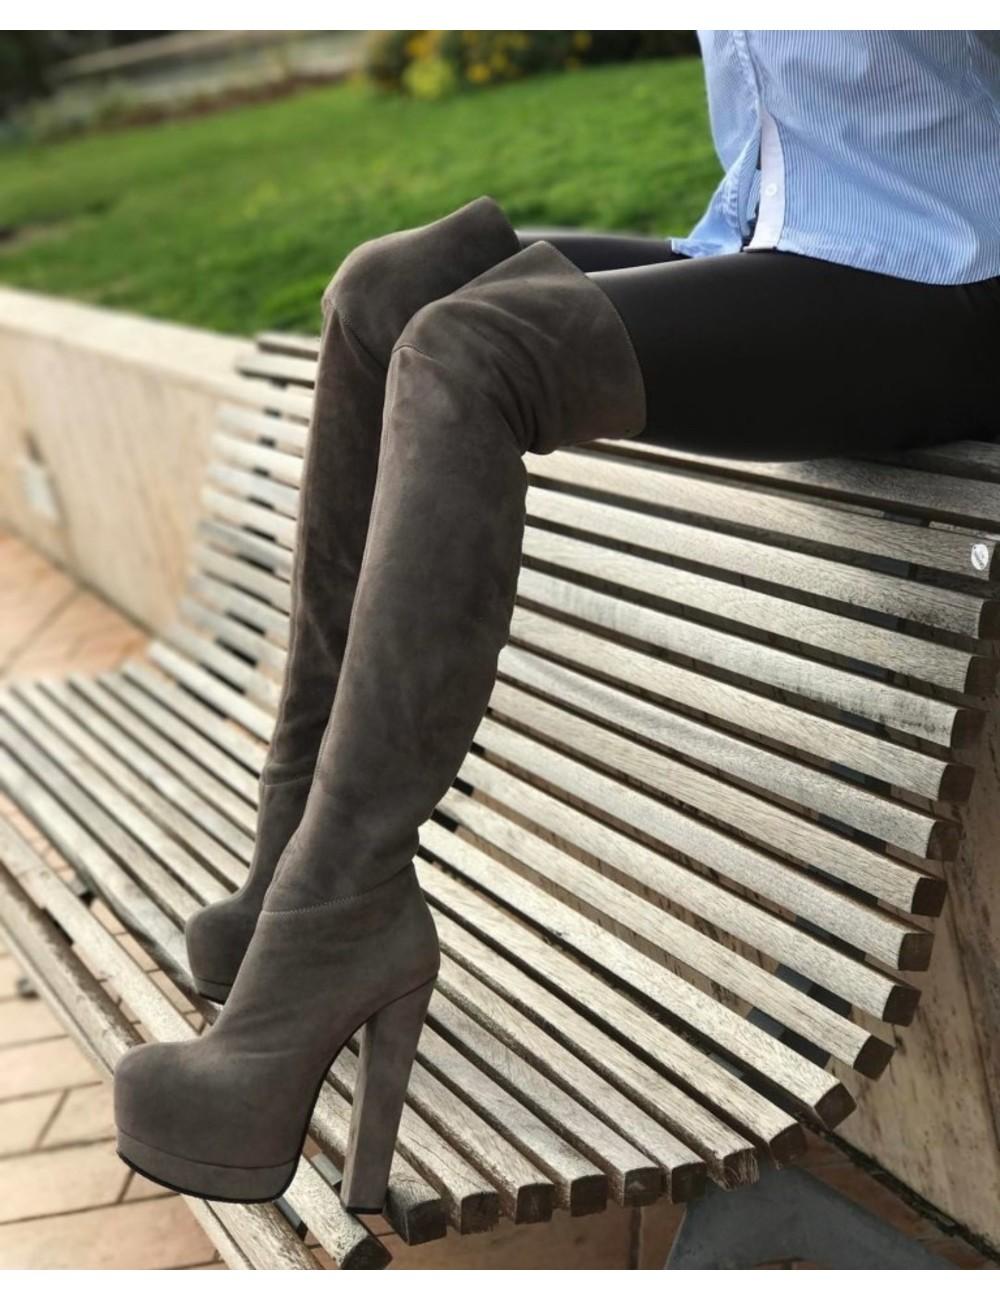 Designer Italian stretch platform thigh boots in suede